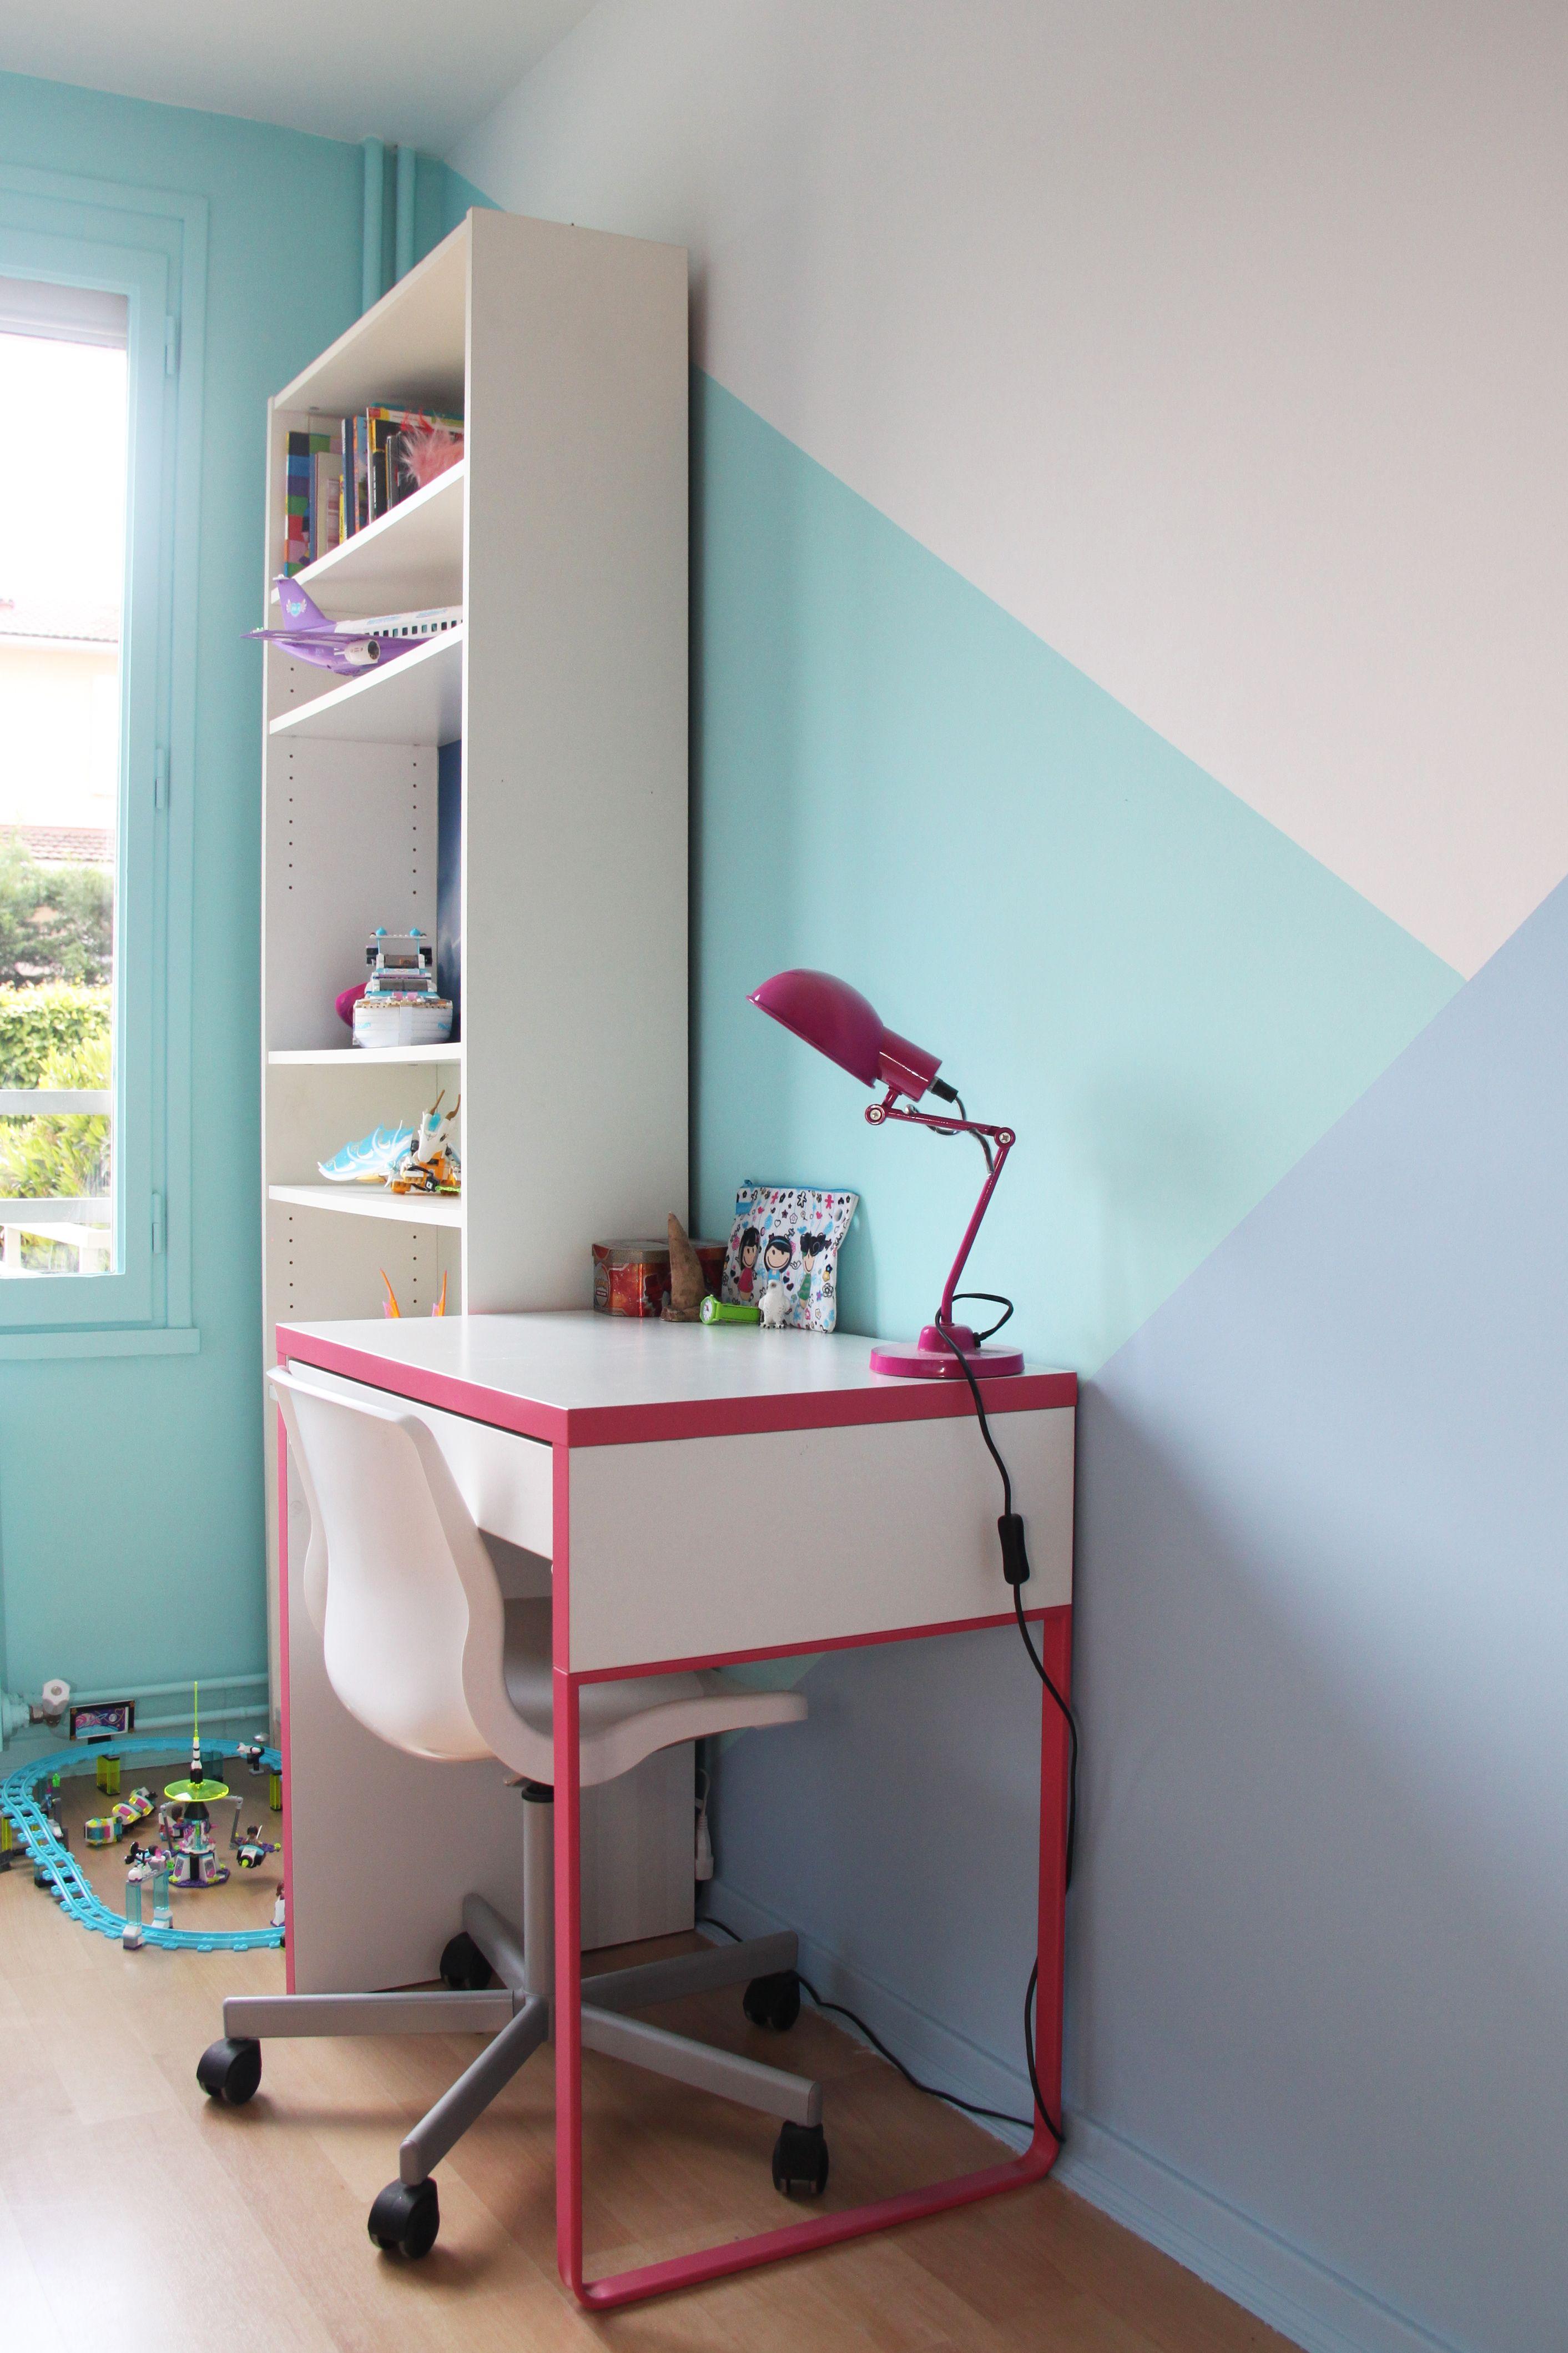 Jeu De Peinture Graphique Aux Influences Scandinaves Dans Une Chambre Pour  Enfant Dans Les Tons Turquoise Et Violet (bleu Et Vert).